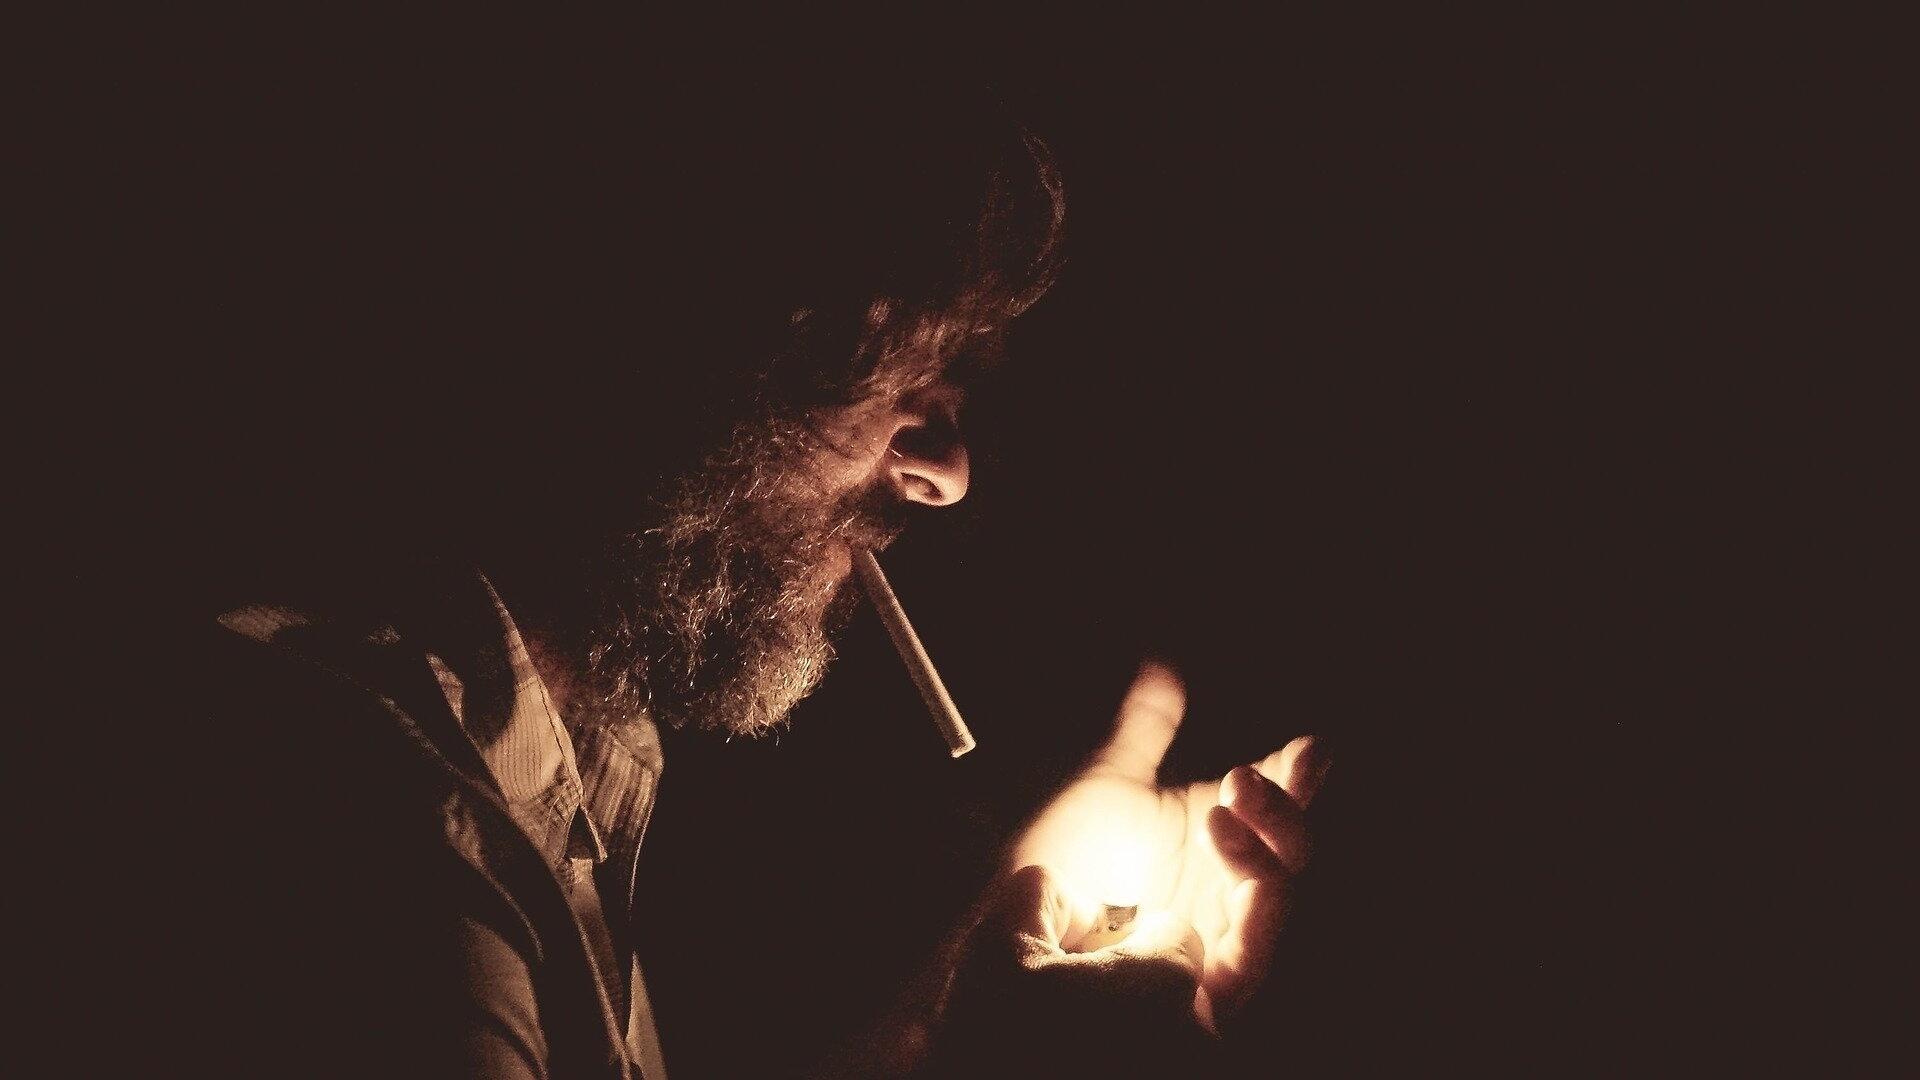 Приложение для бросающих курить изменило активность мозга